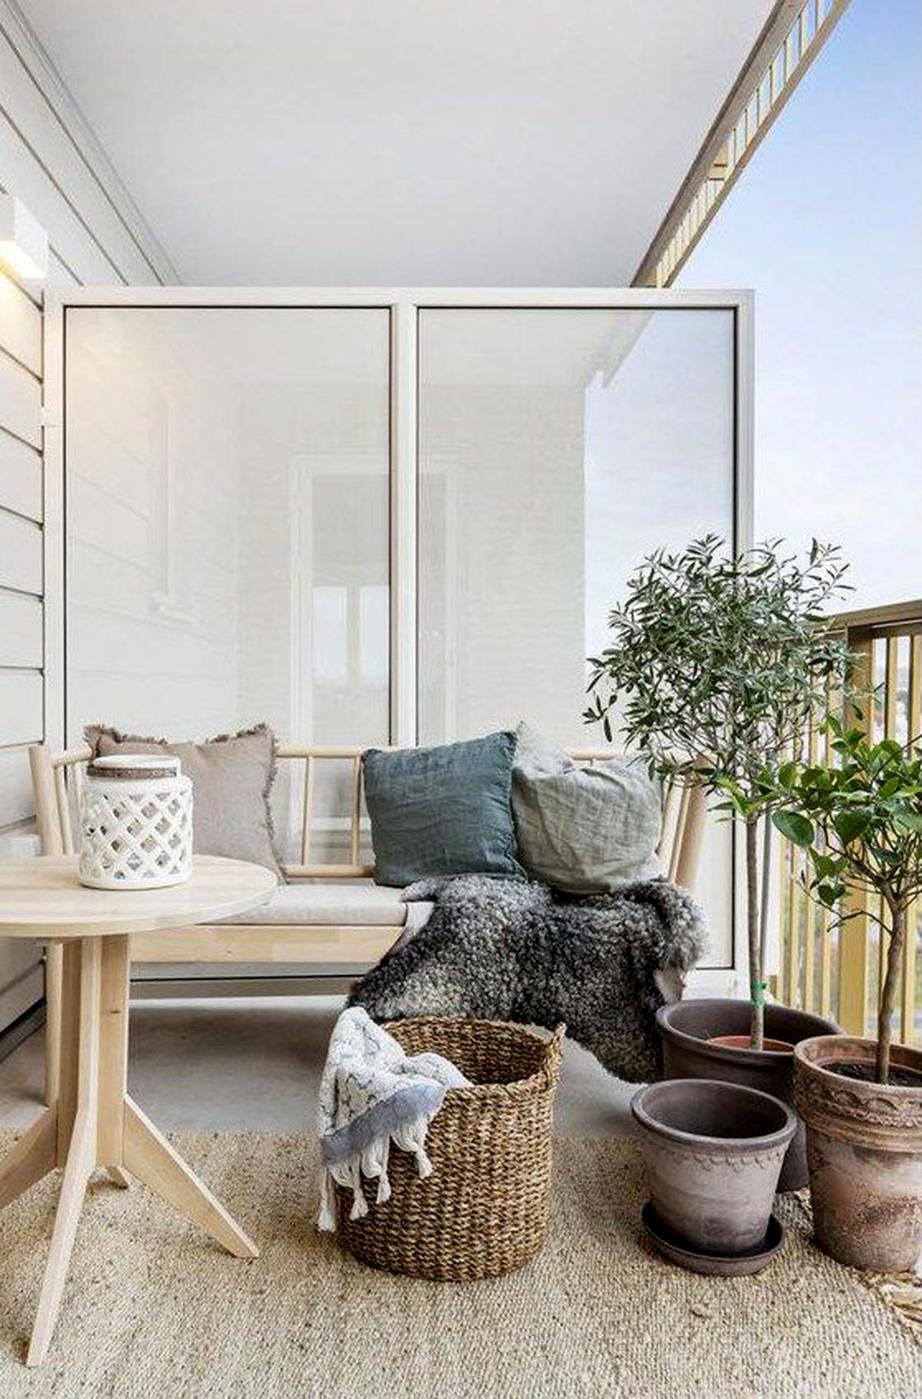 Βάλτε στη βεράντα σας ένα χαλί για να δείξει αμέσως ο χώρος πιο ζεστός και φιλόξενος.